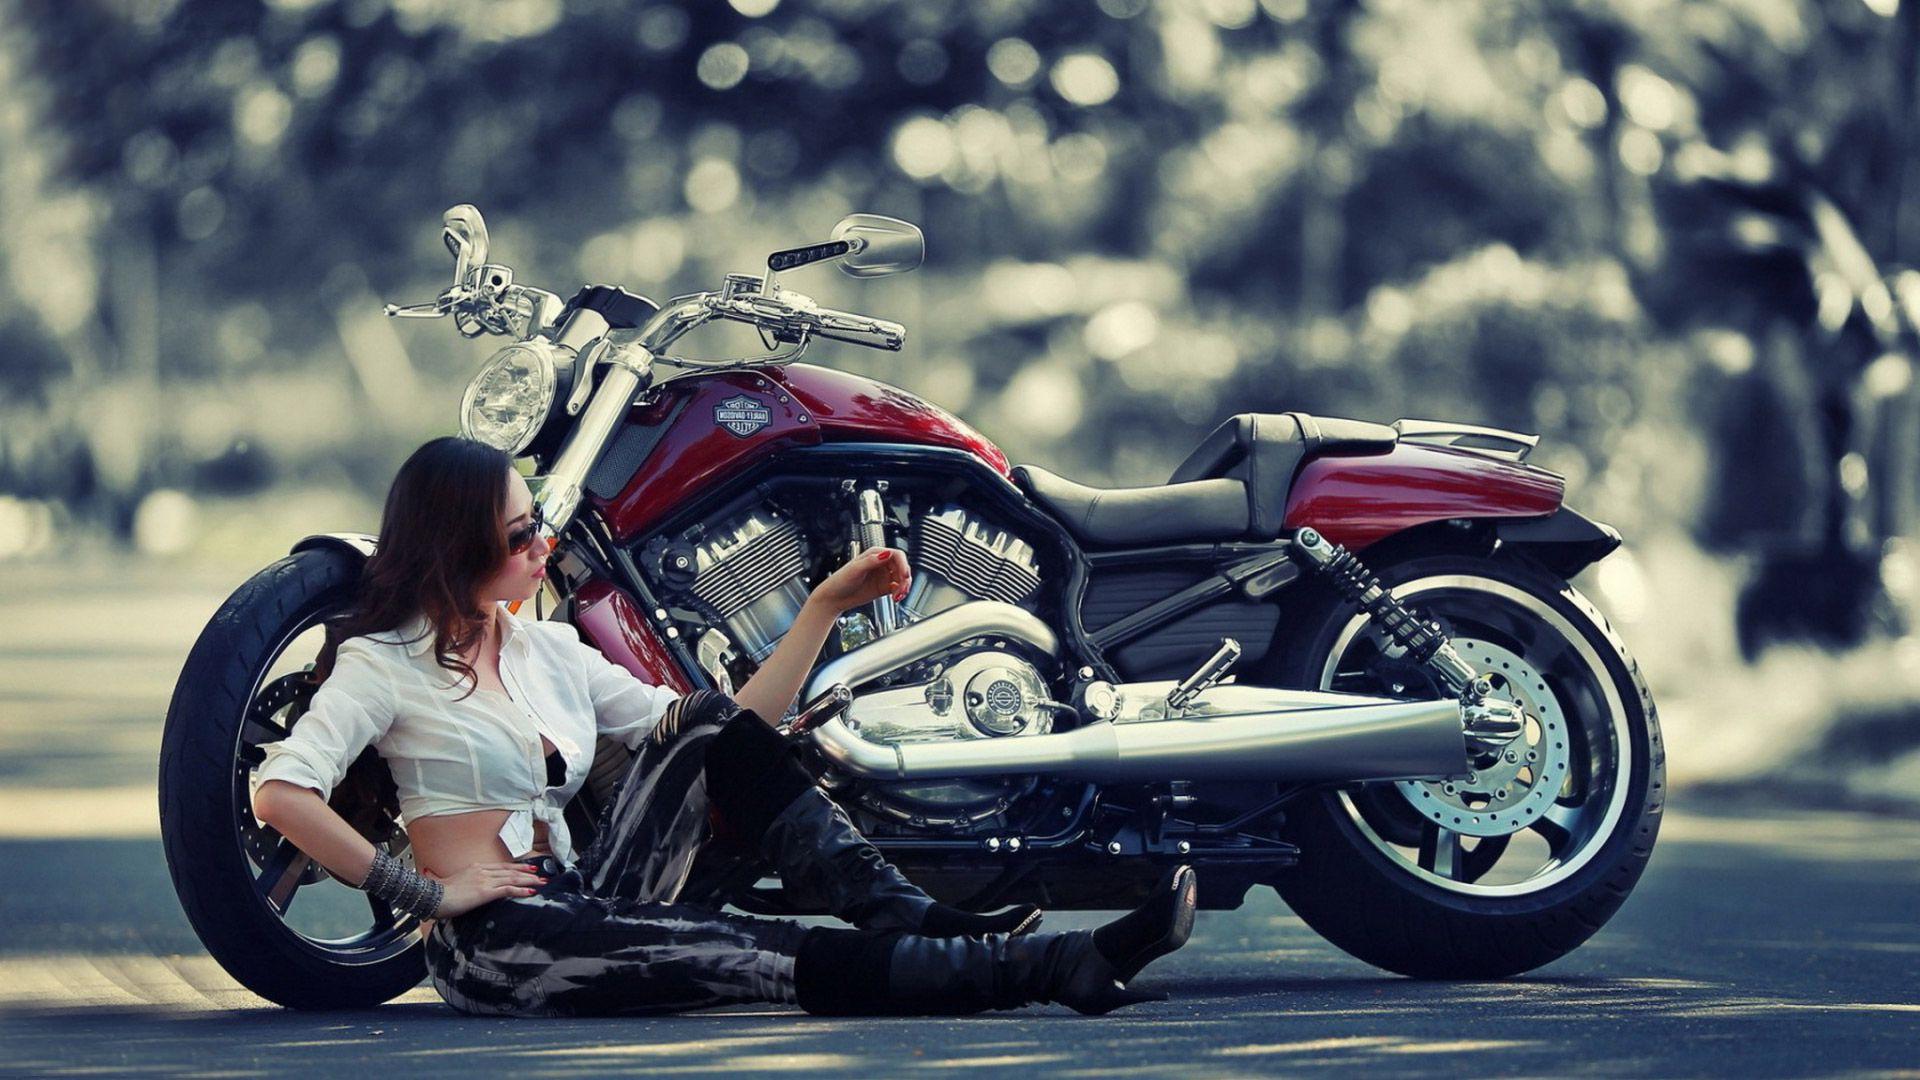 Harley Davidson Bikes Wallpapers Free Download Google Search Harley Davidson Wallpaper Classic Harley Davidson Harley Davidson Motorcycles